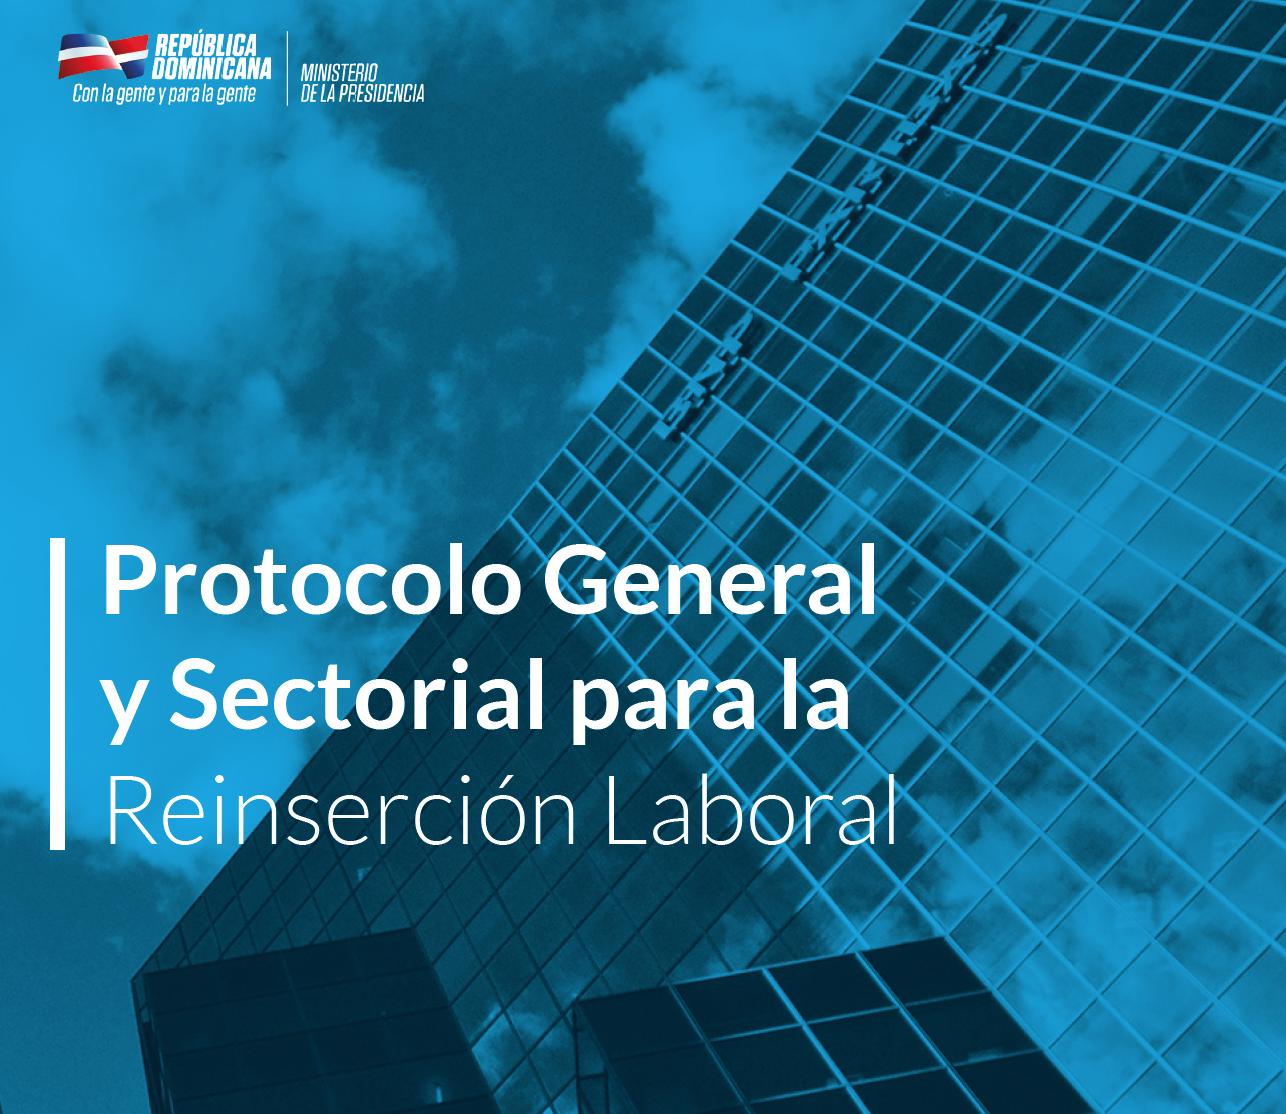 Protocolo General y Sectorial para la Reinserción Laboral